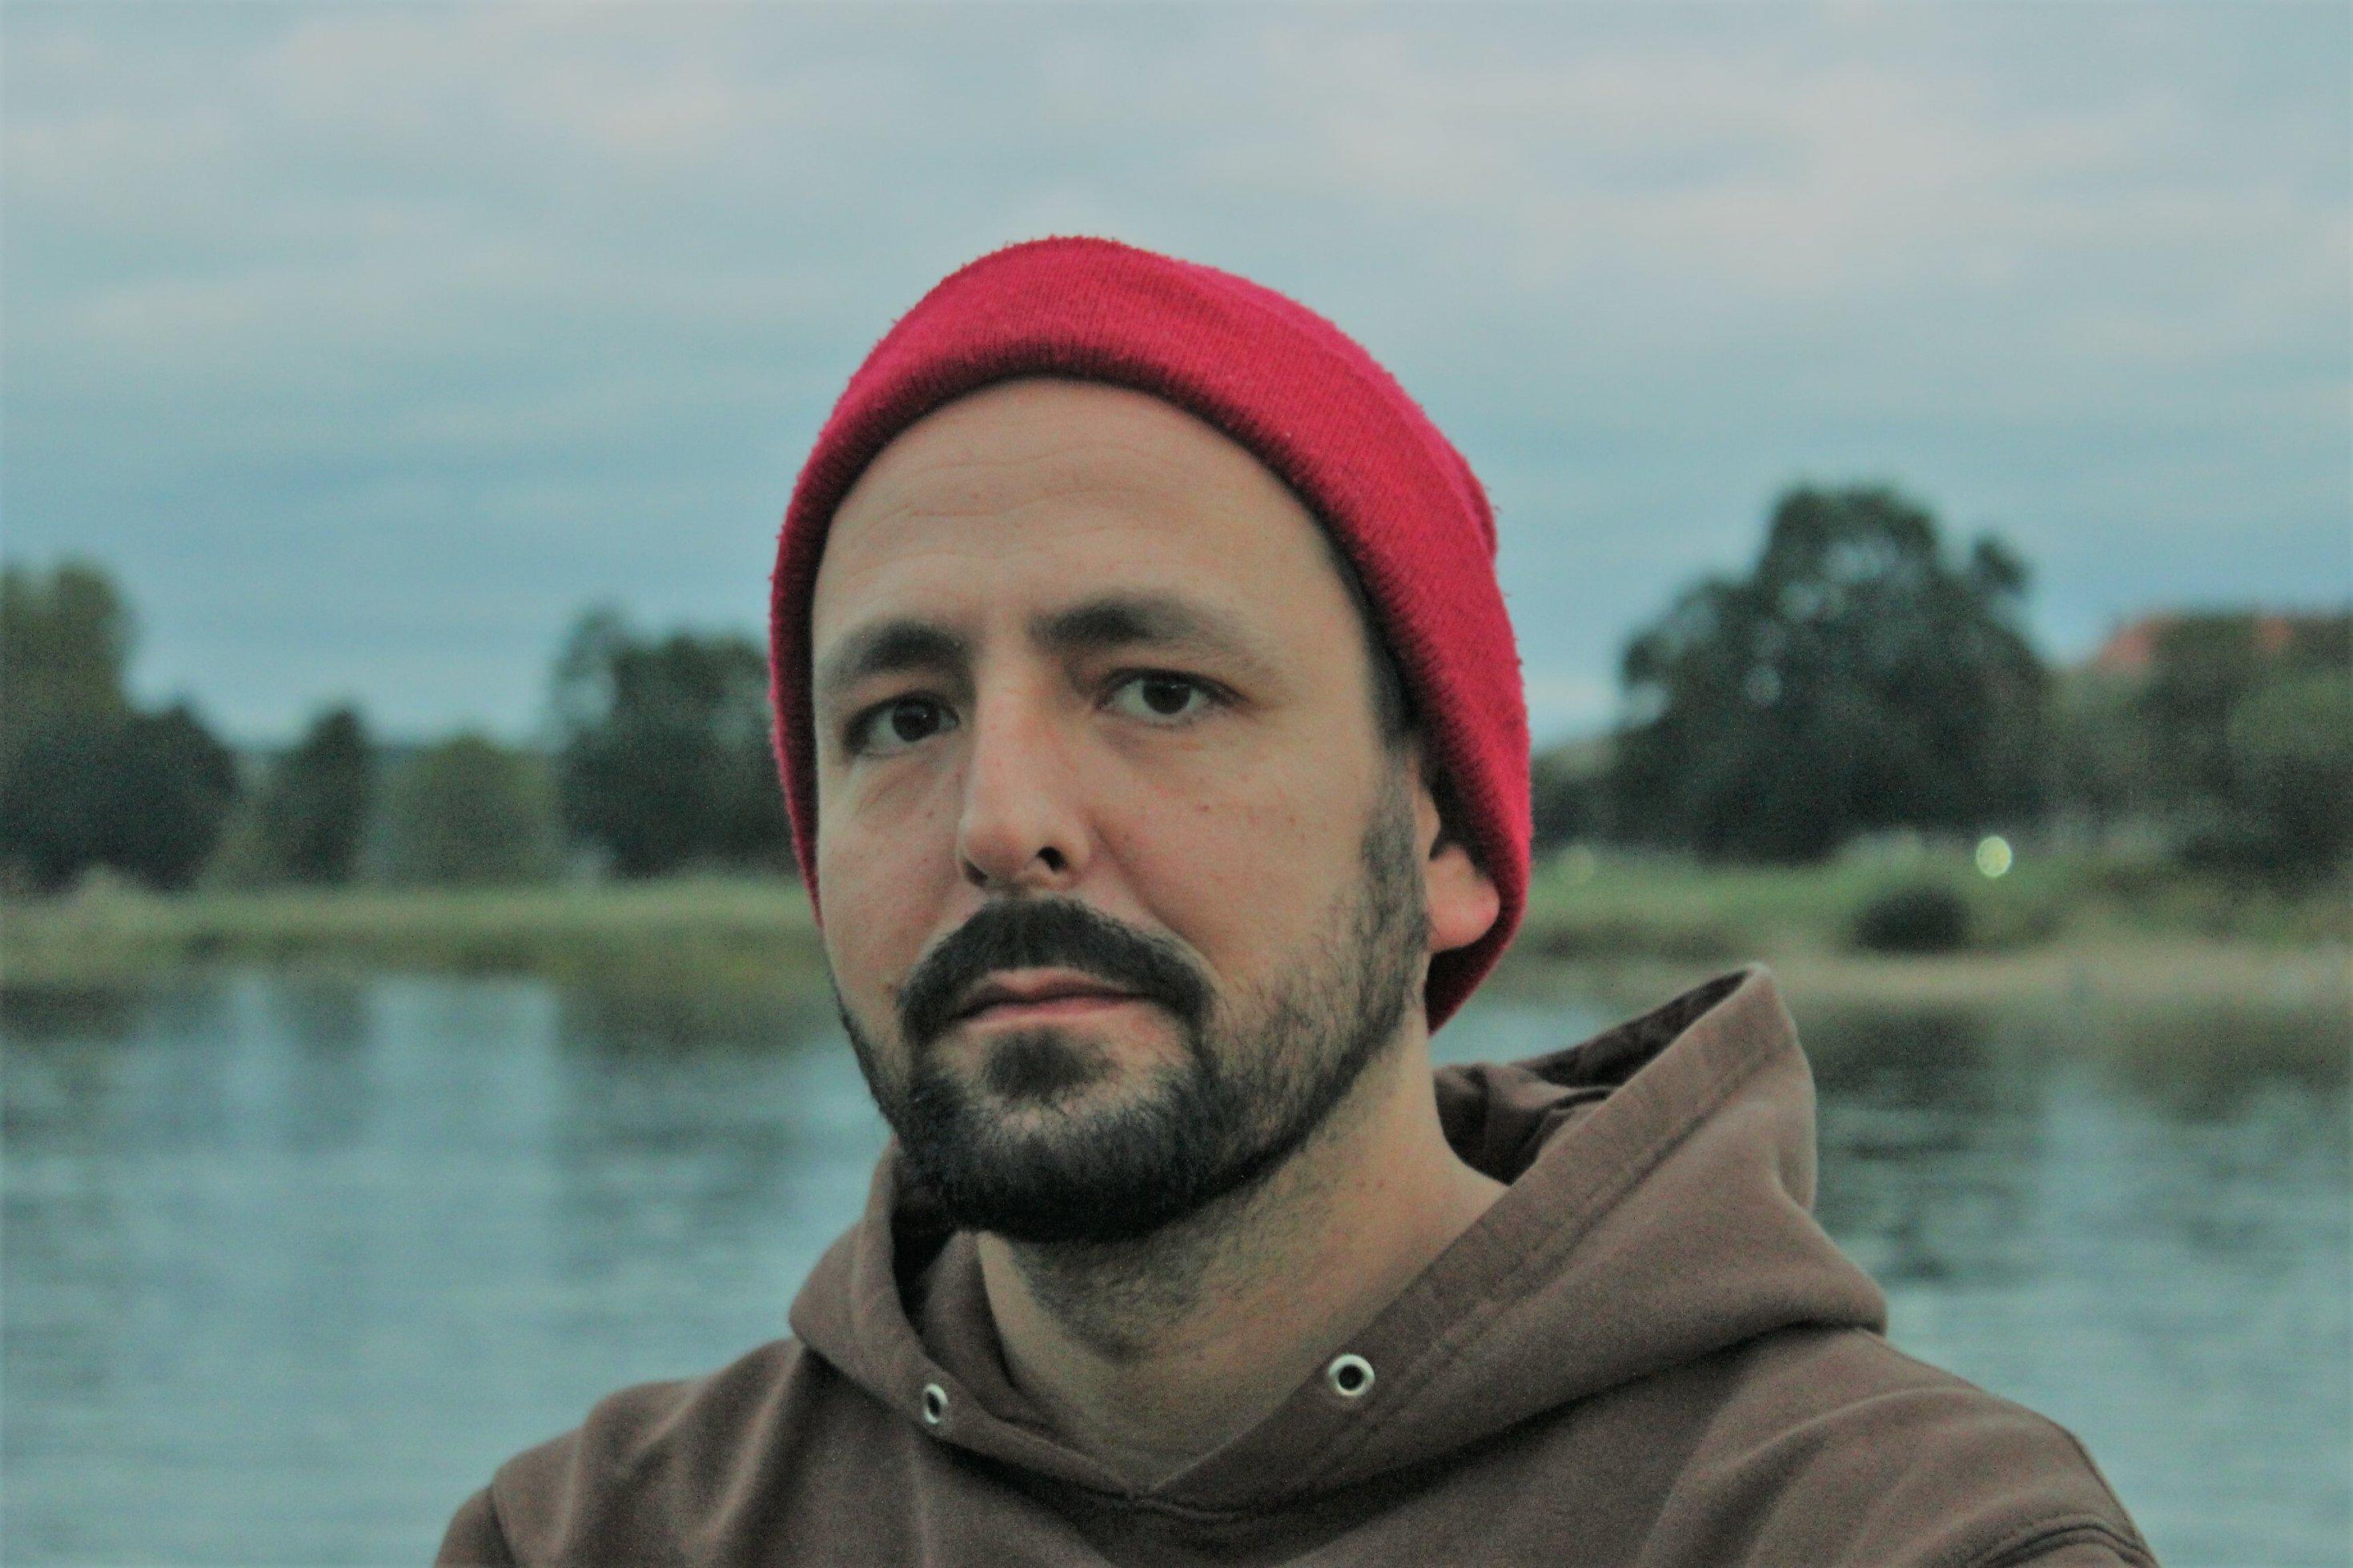 Jan Gehler guckt mit Bart, braunem Hoodie und roter Mütze in die Kamera. Im Hintergrund ein See, am anderen Ufer ein paar Bäume.